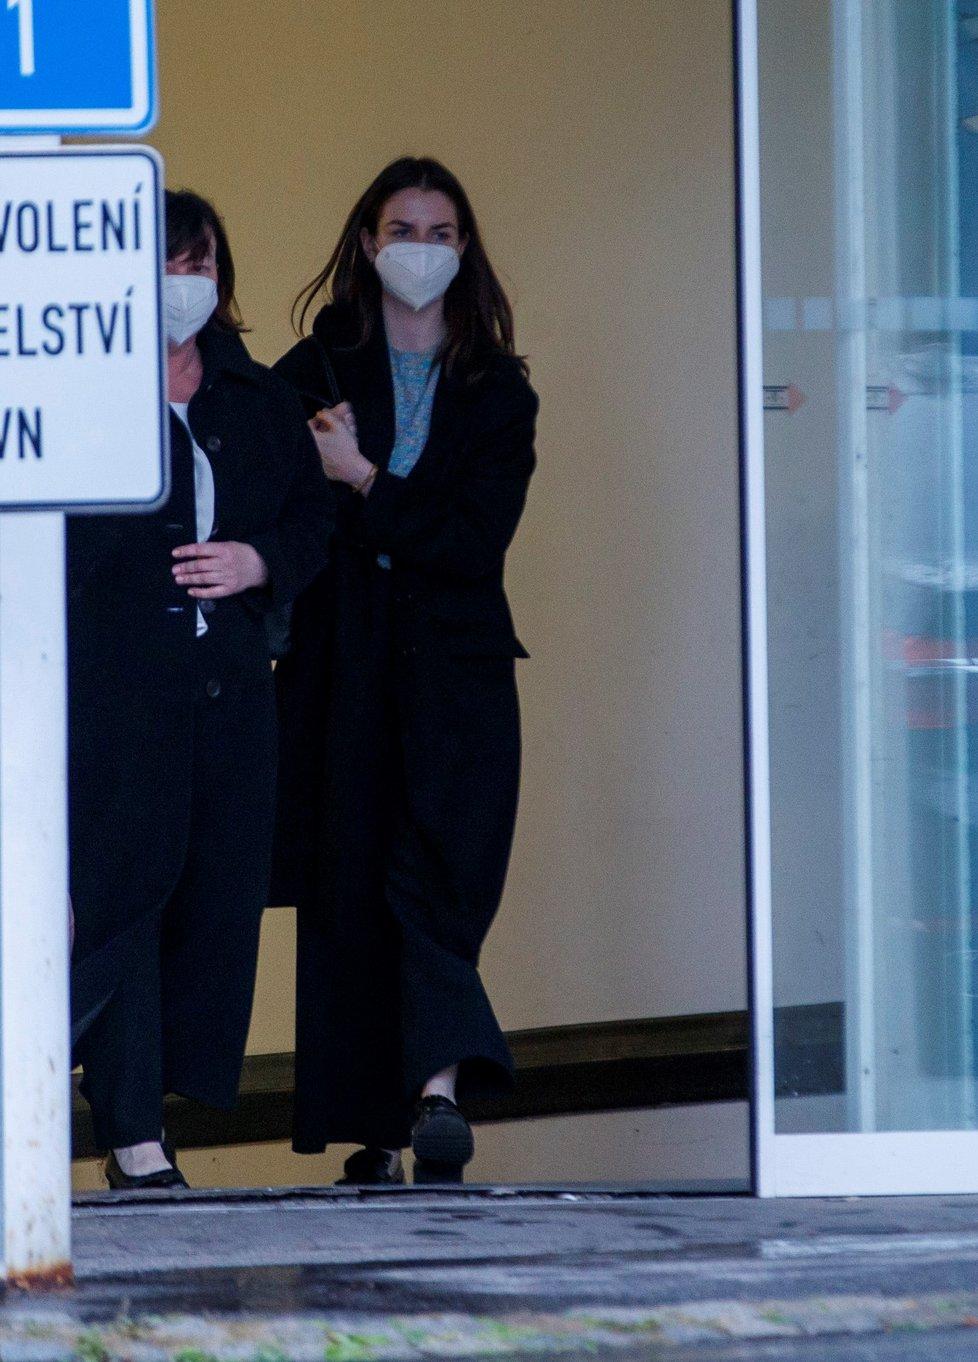 Prezidenta Miloše Zemana v Ústřední vojenské nemocnici navštívily manželka Ivana s dcerou Kateřinou (12. 10. 2021)